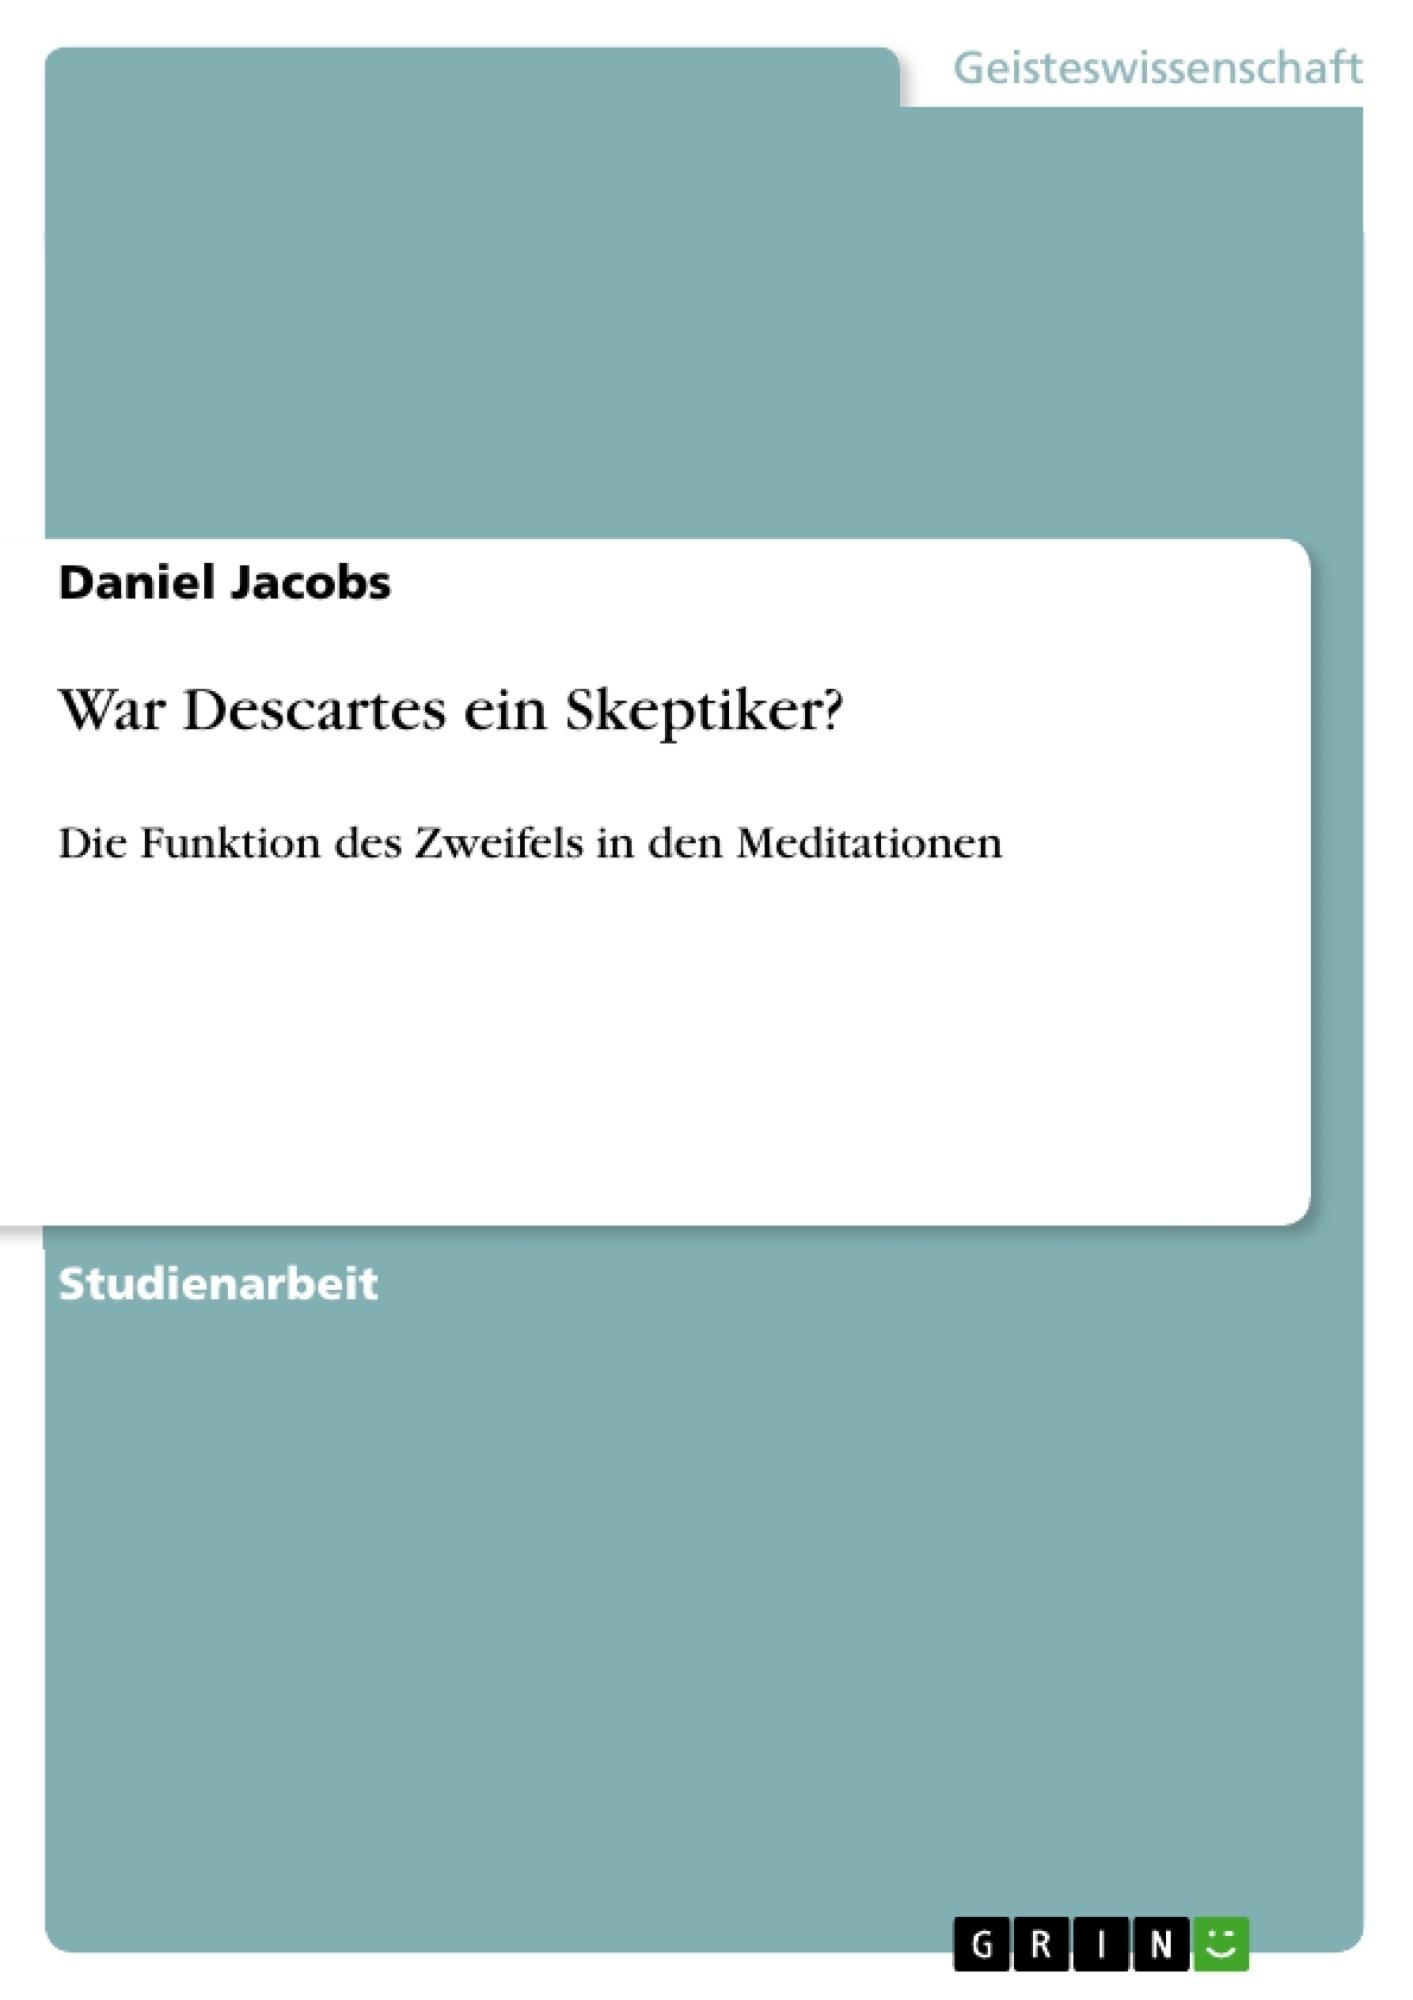 Titel: War Descartes ein Skeptiker?